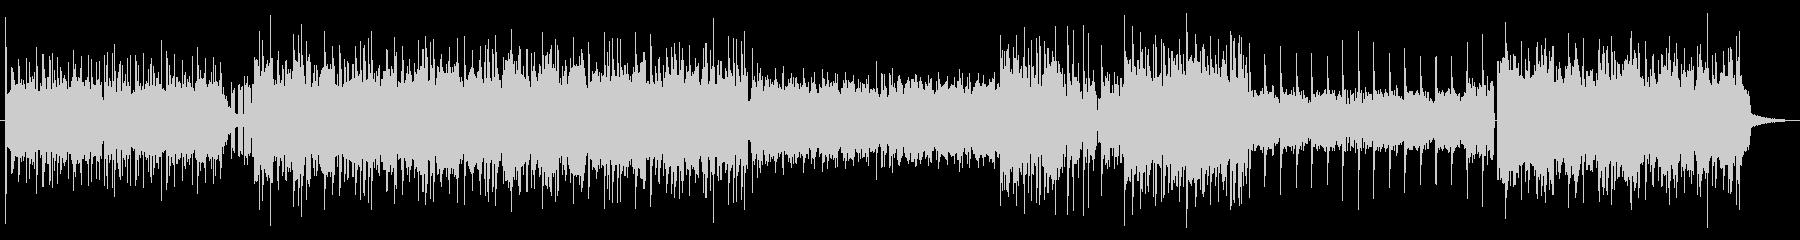 エンディング曲っぽいジャズ風ピアノEDMの未再生の波形